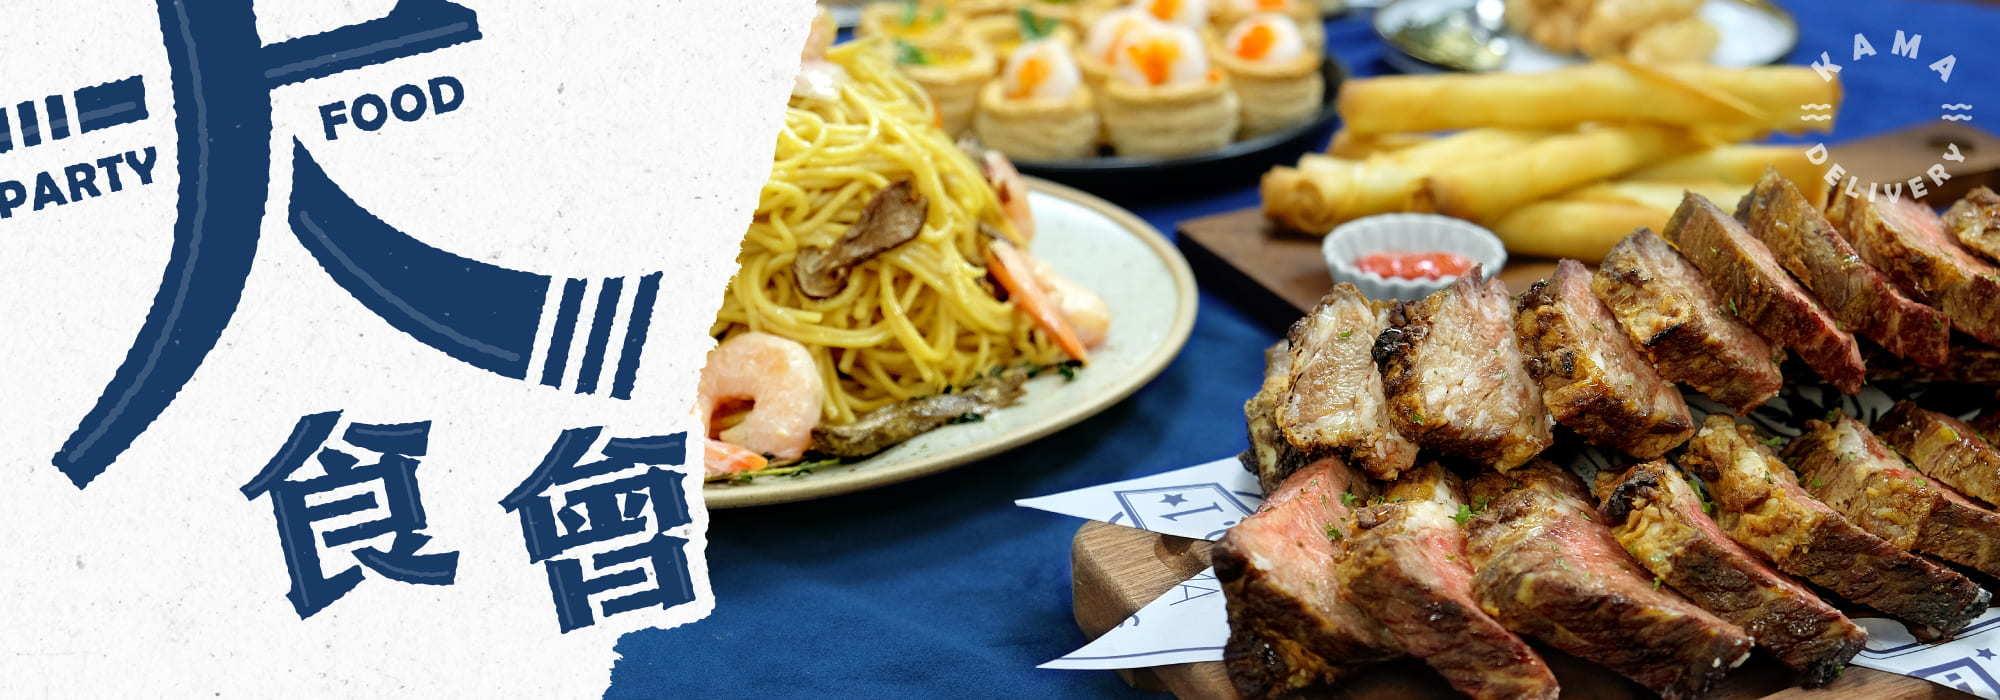 11款開Party大食會餐單ideas|熱門簡單小食推介|Kama Delivery到會外賣速遞服務